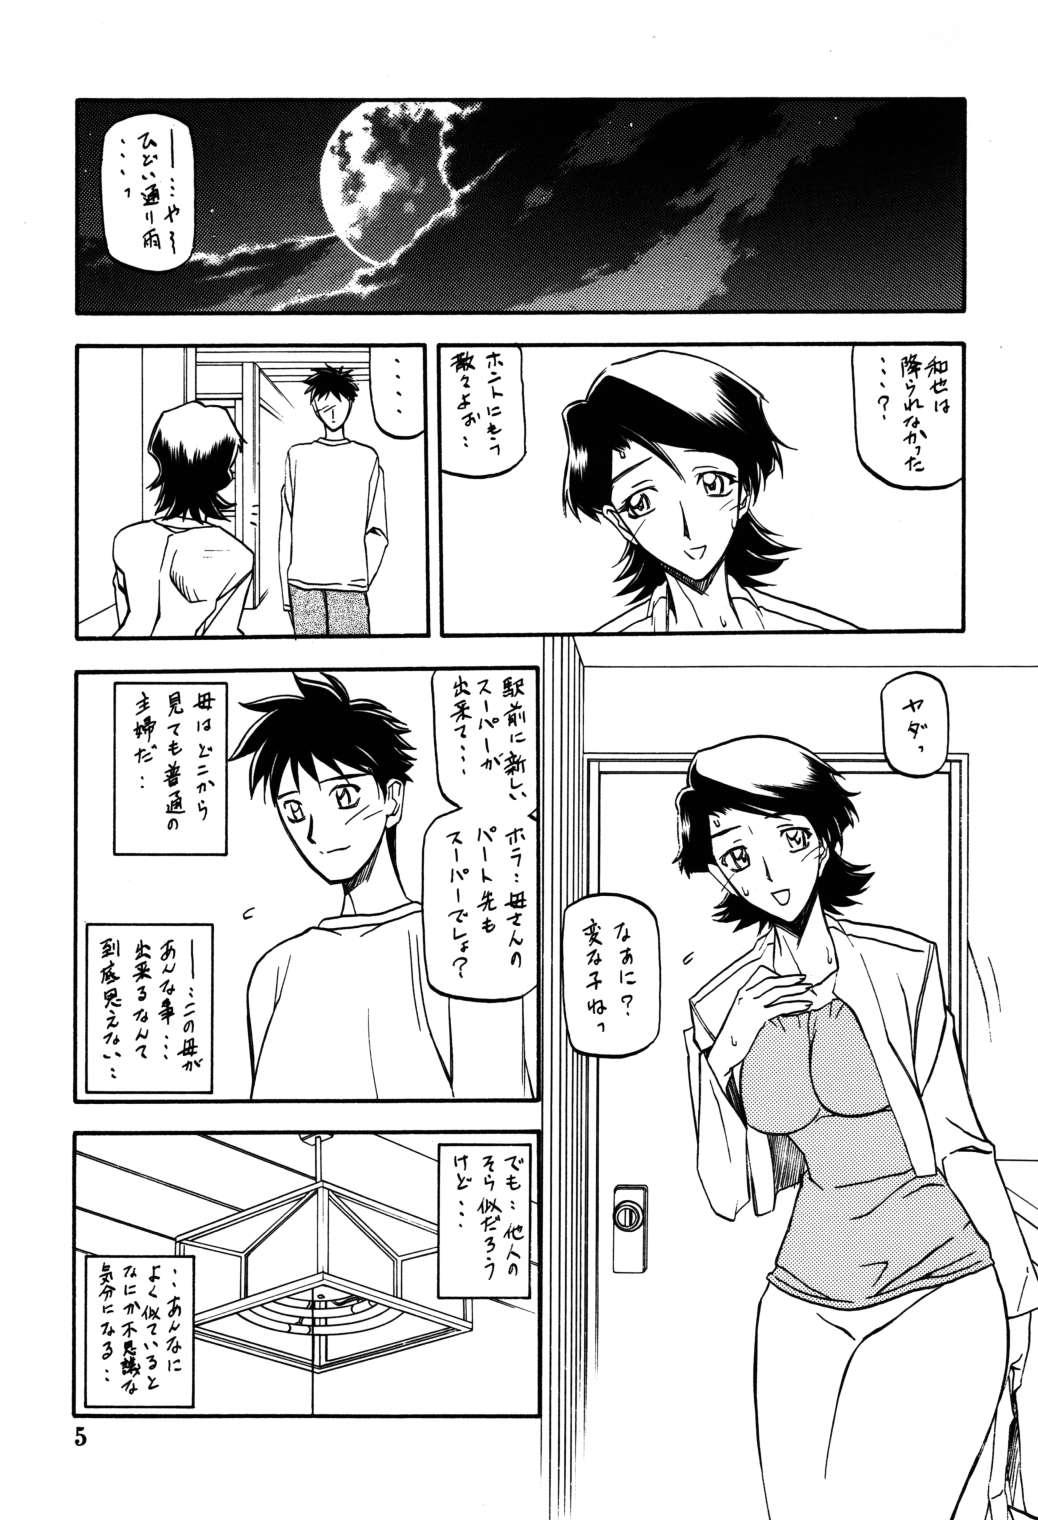 Akebi no Mi - Masae 3